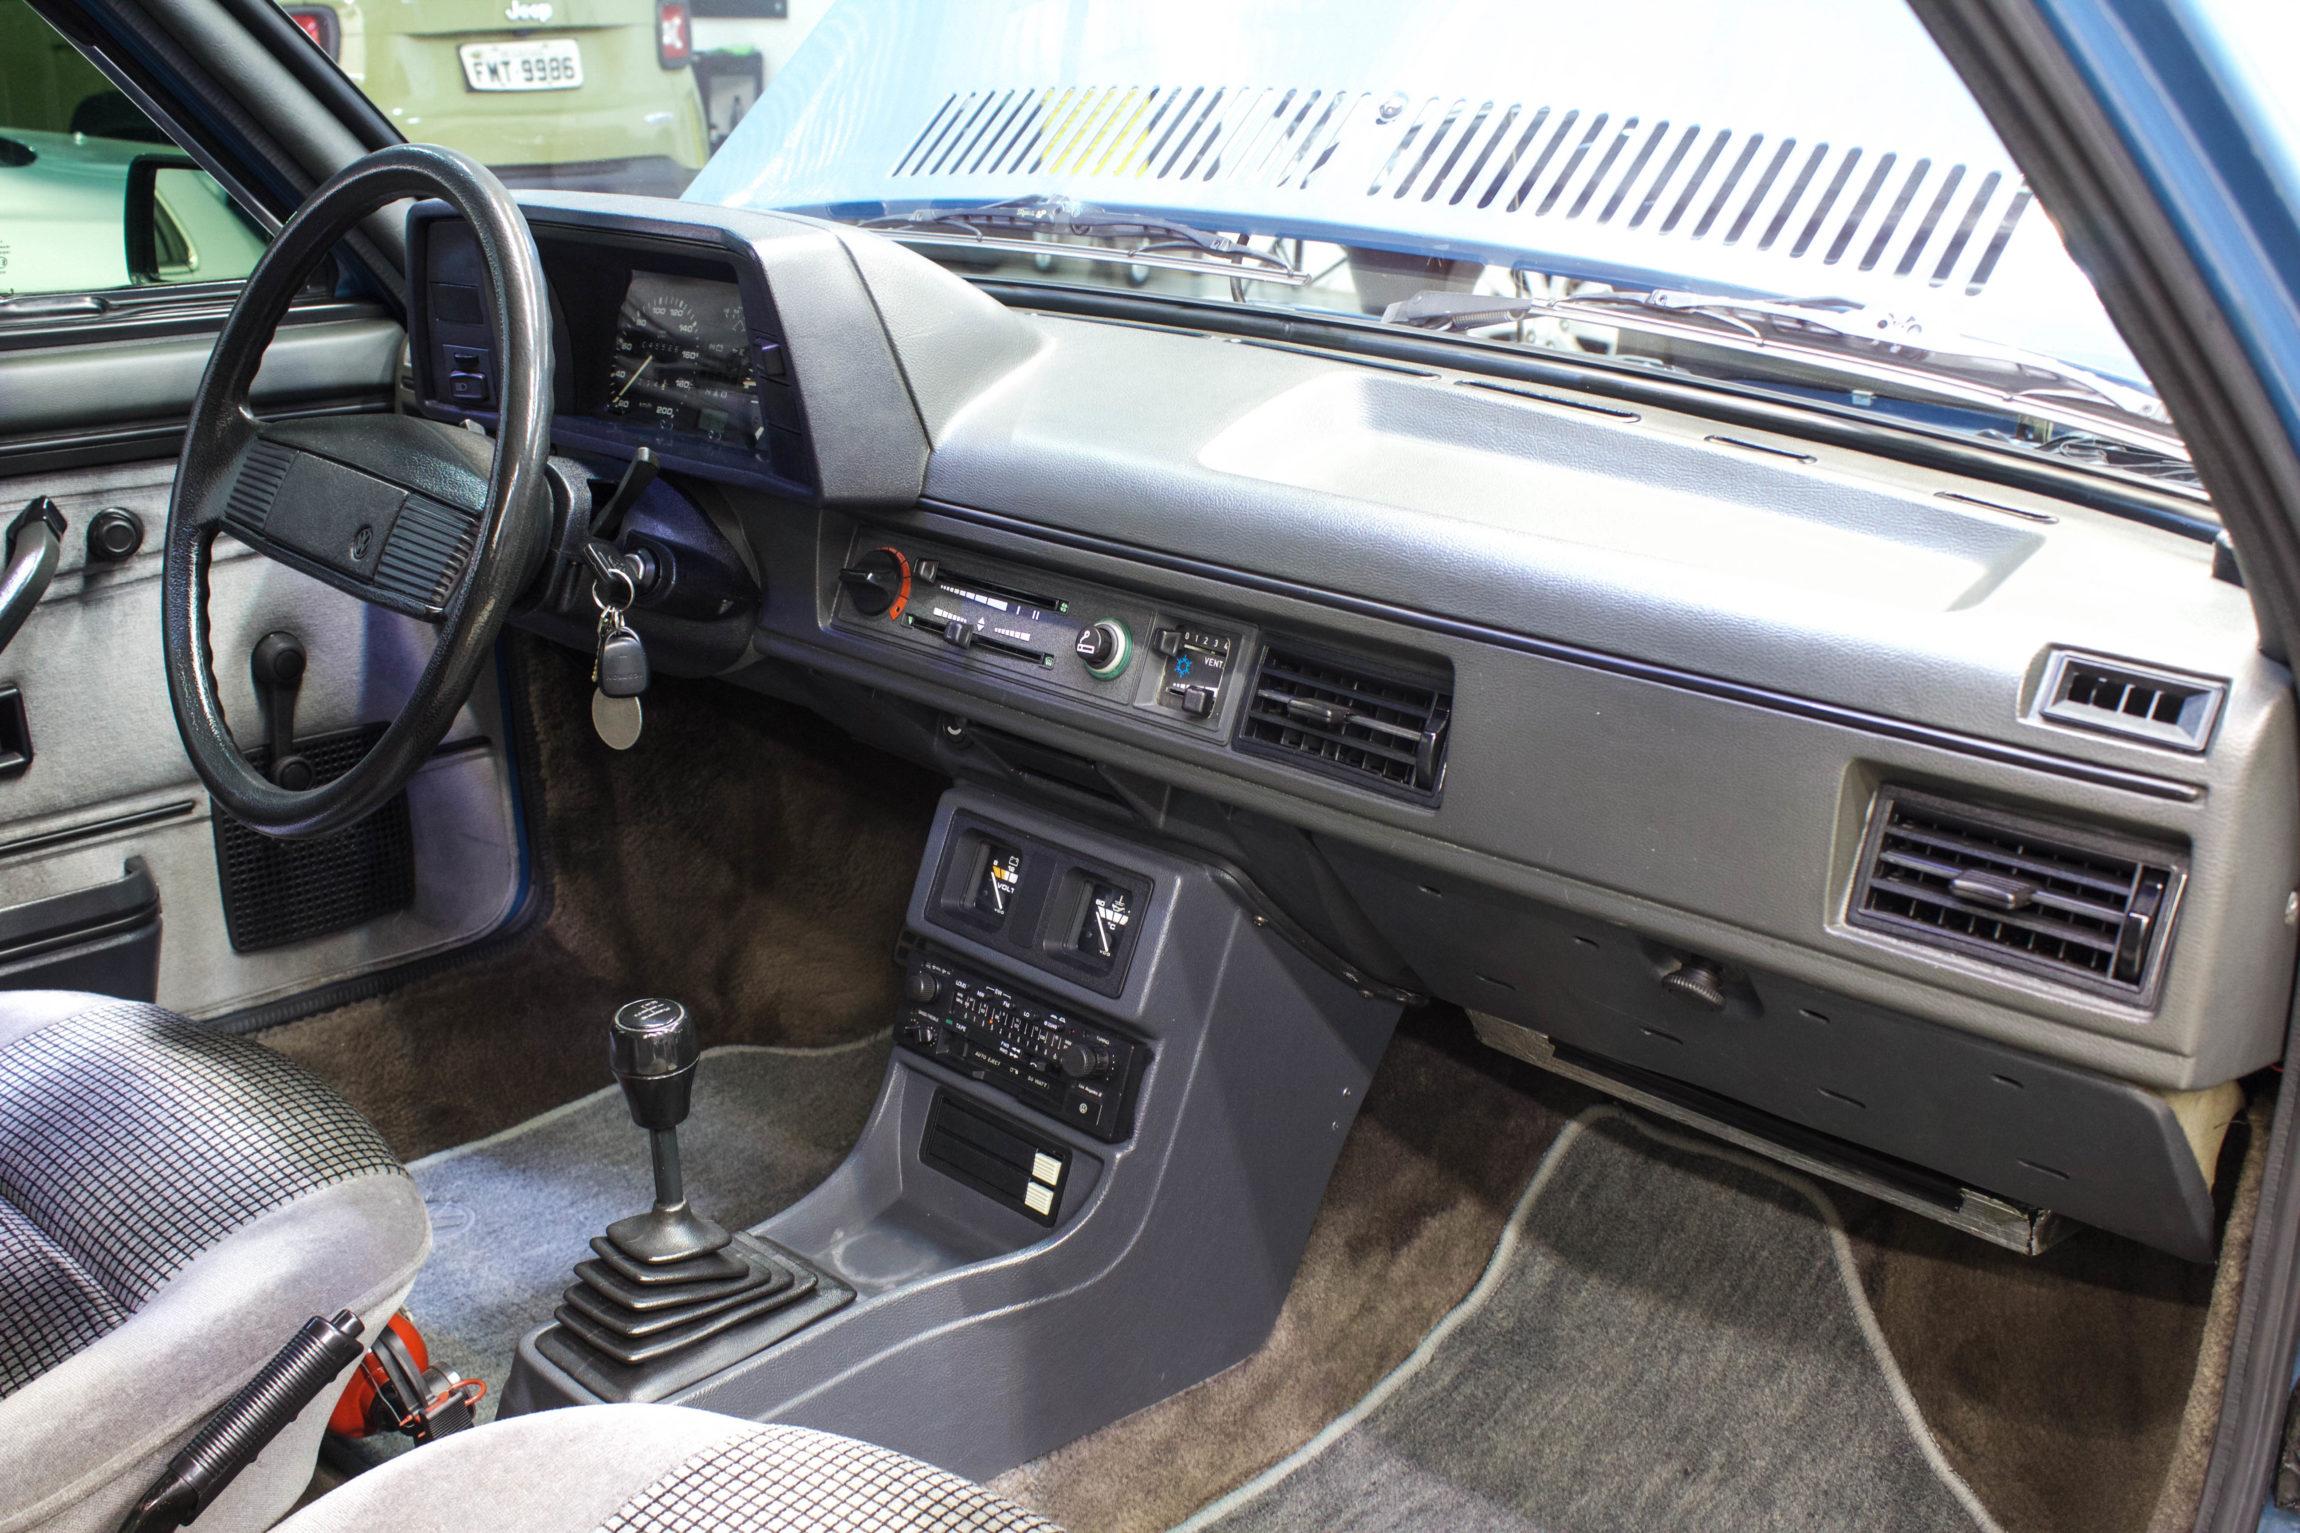 1986 passat lse iraque 33 the garage for Garage volkswagen 33